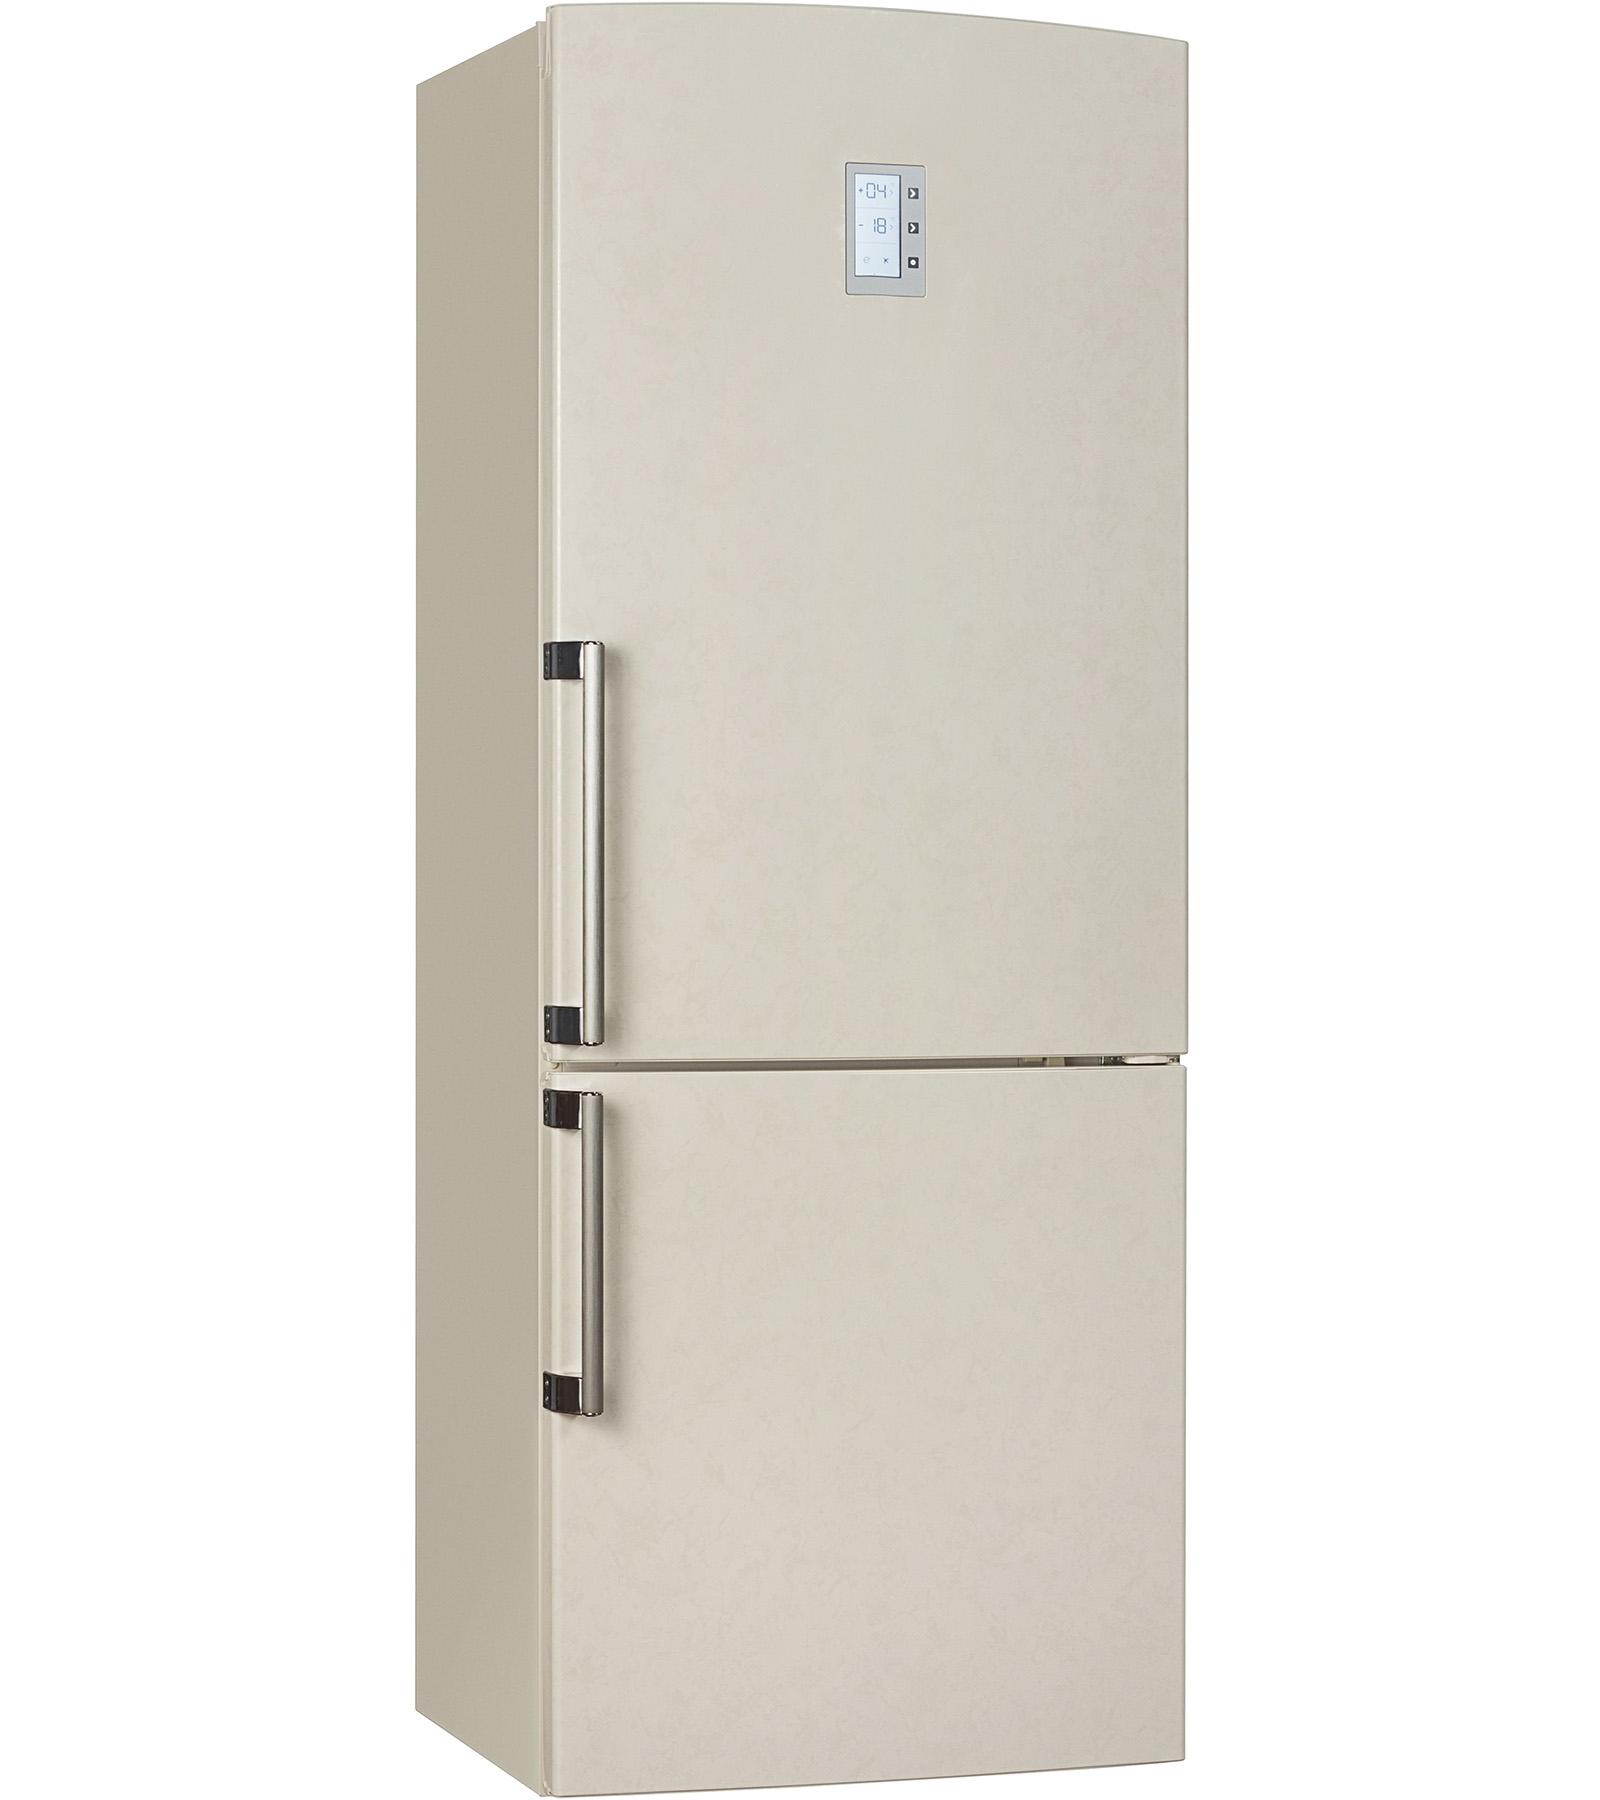 купить холодильник в ростове на дону